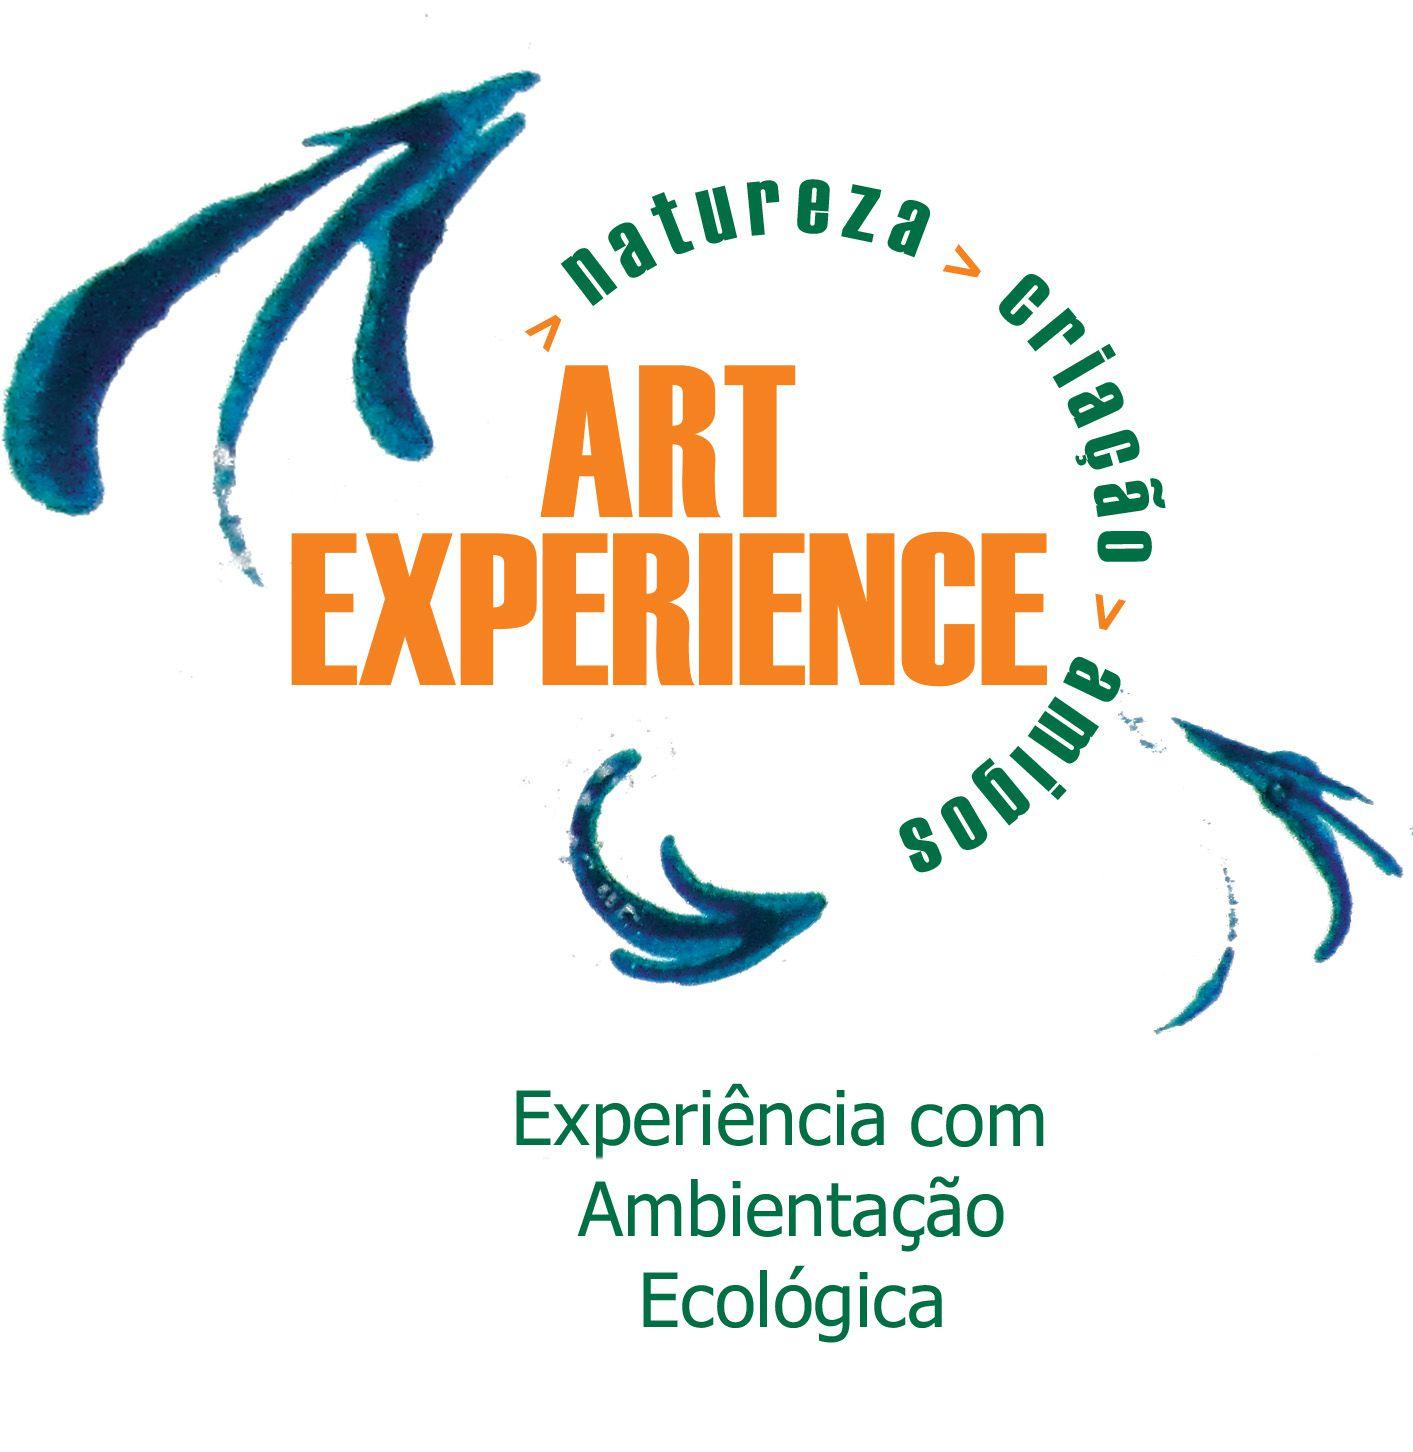 106 - Experiência Artística Sensorial  - 04/09/2019  - Até 11 pessoas, com translado incluso,, da Capital ou Grande ABC